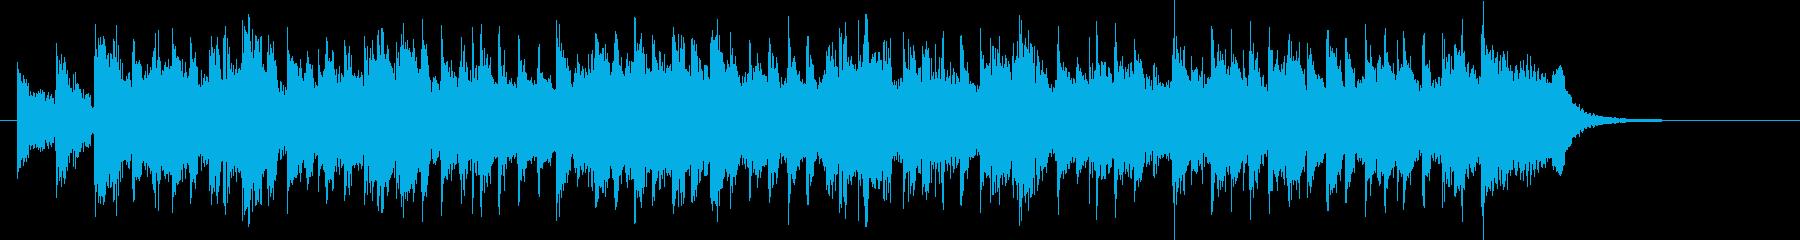 アーバンメロウなフリー・ソウルの再生済みの波形